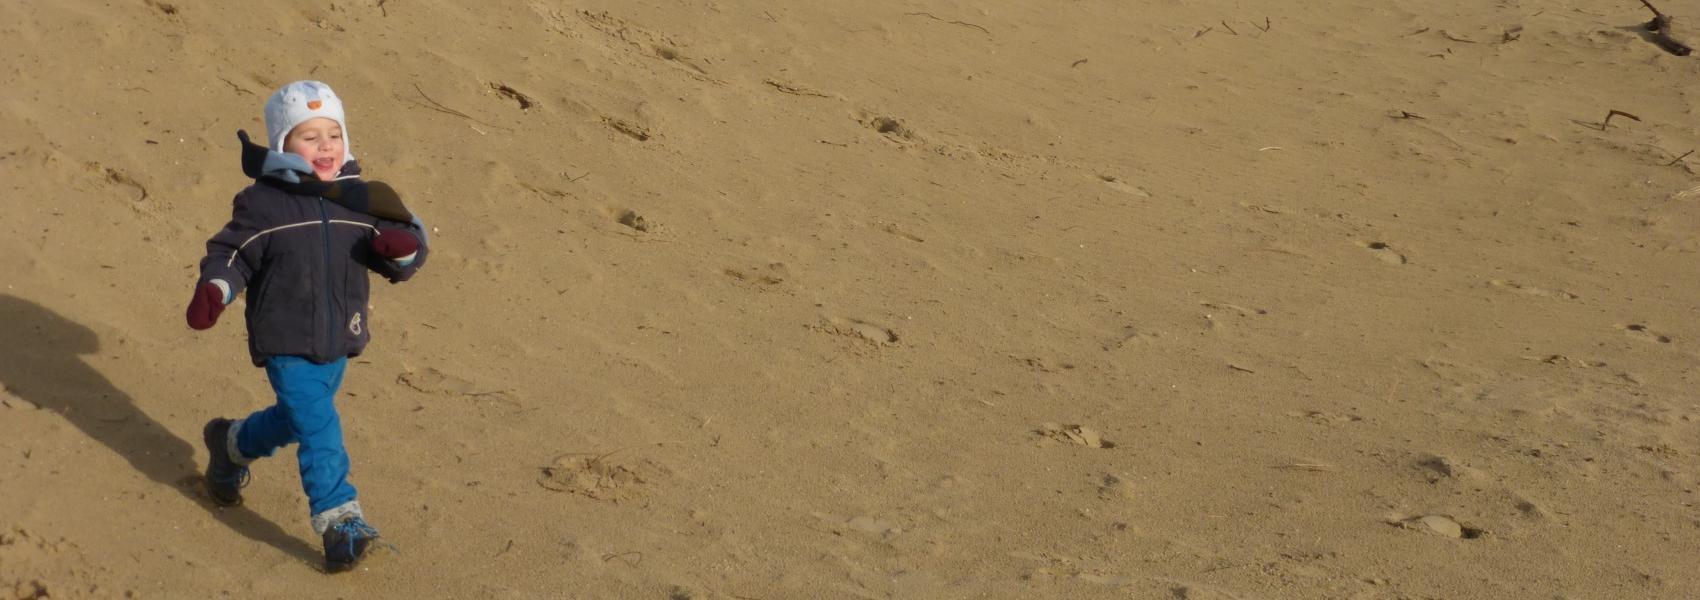 kind loopt van duin